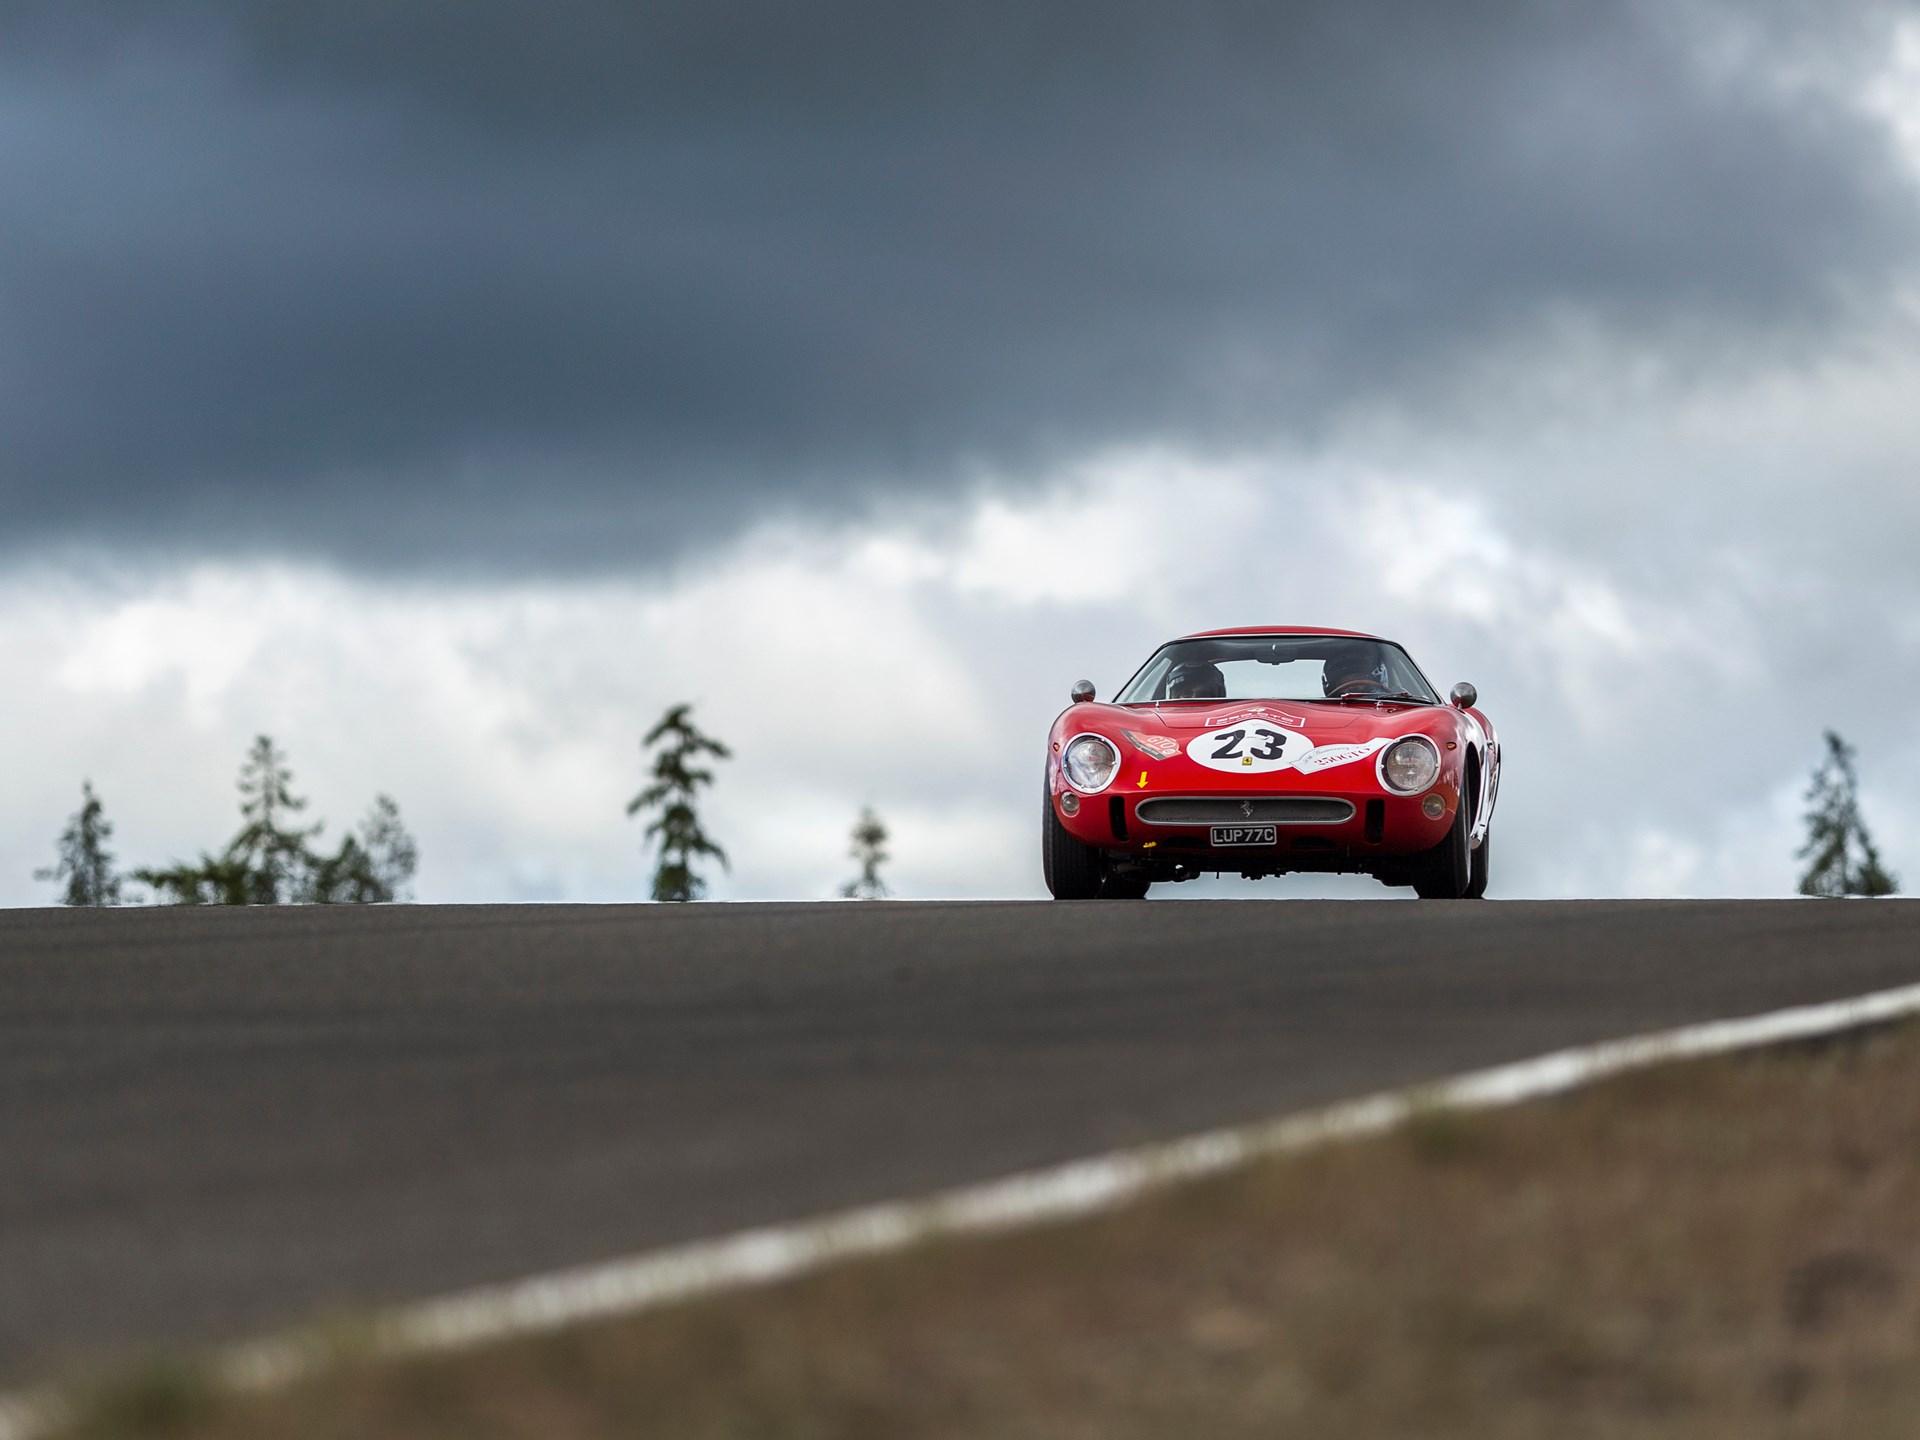 1962 Ferrari 250 GTO by Scaglietti